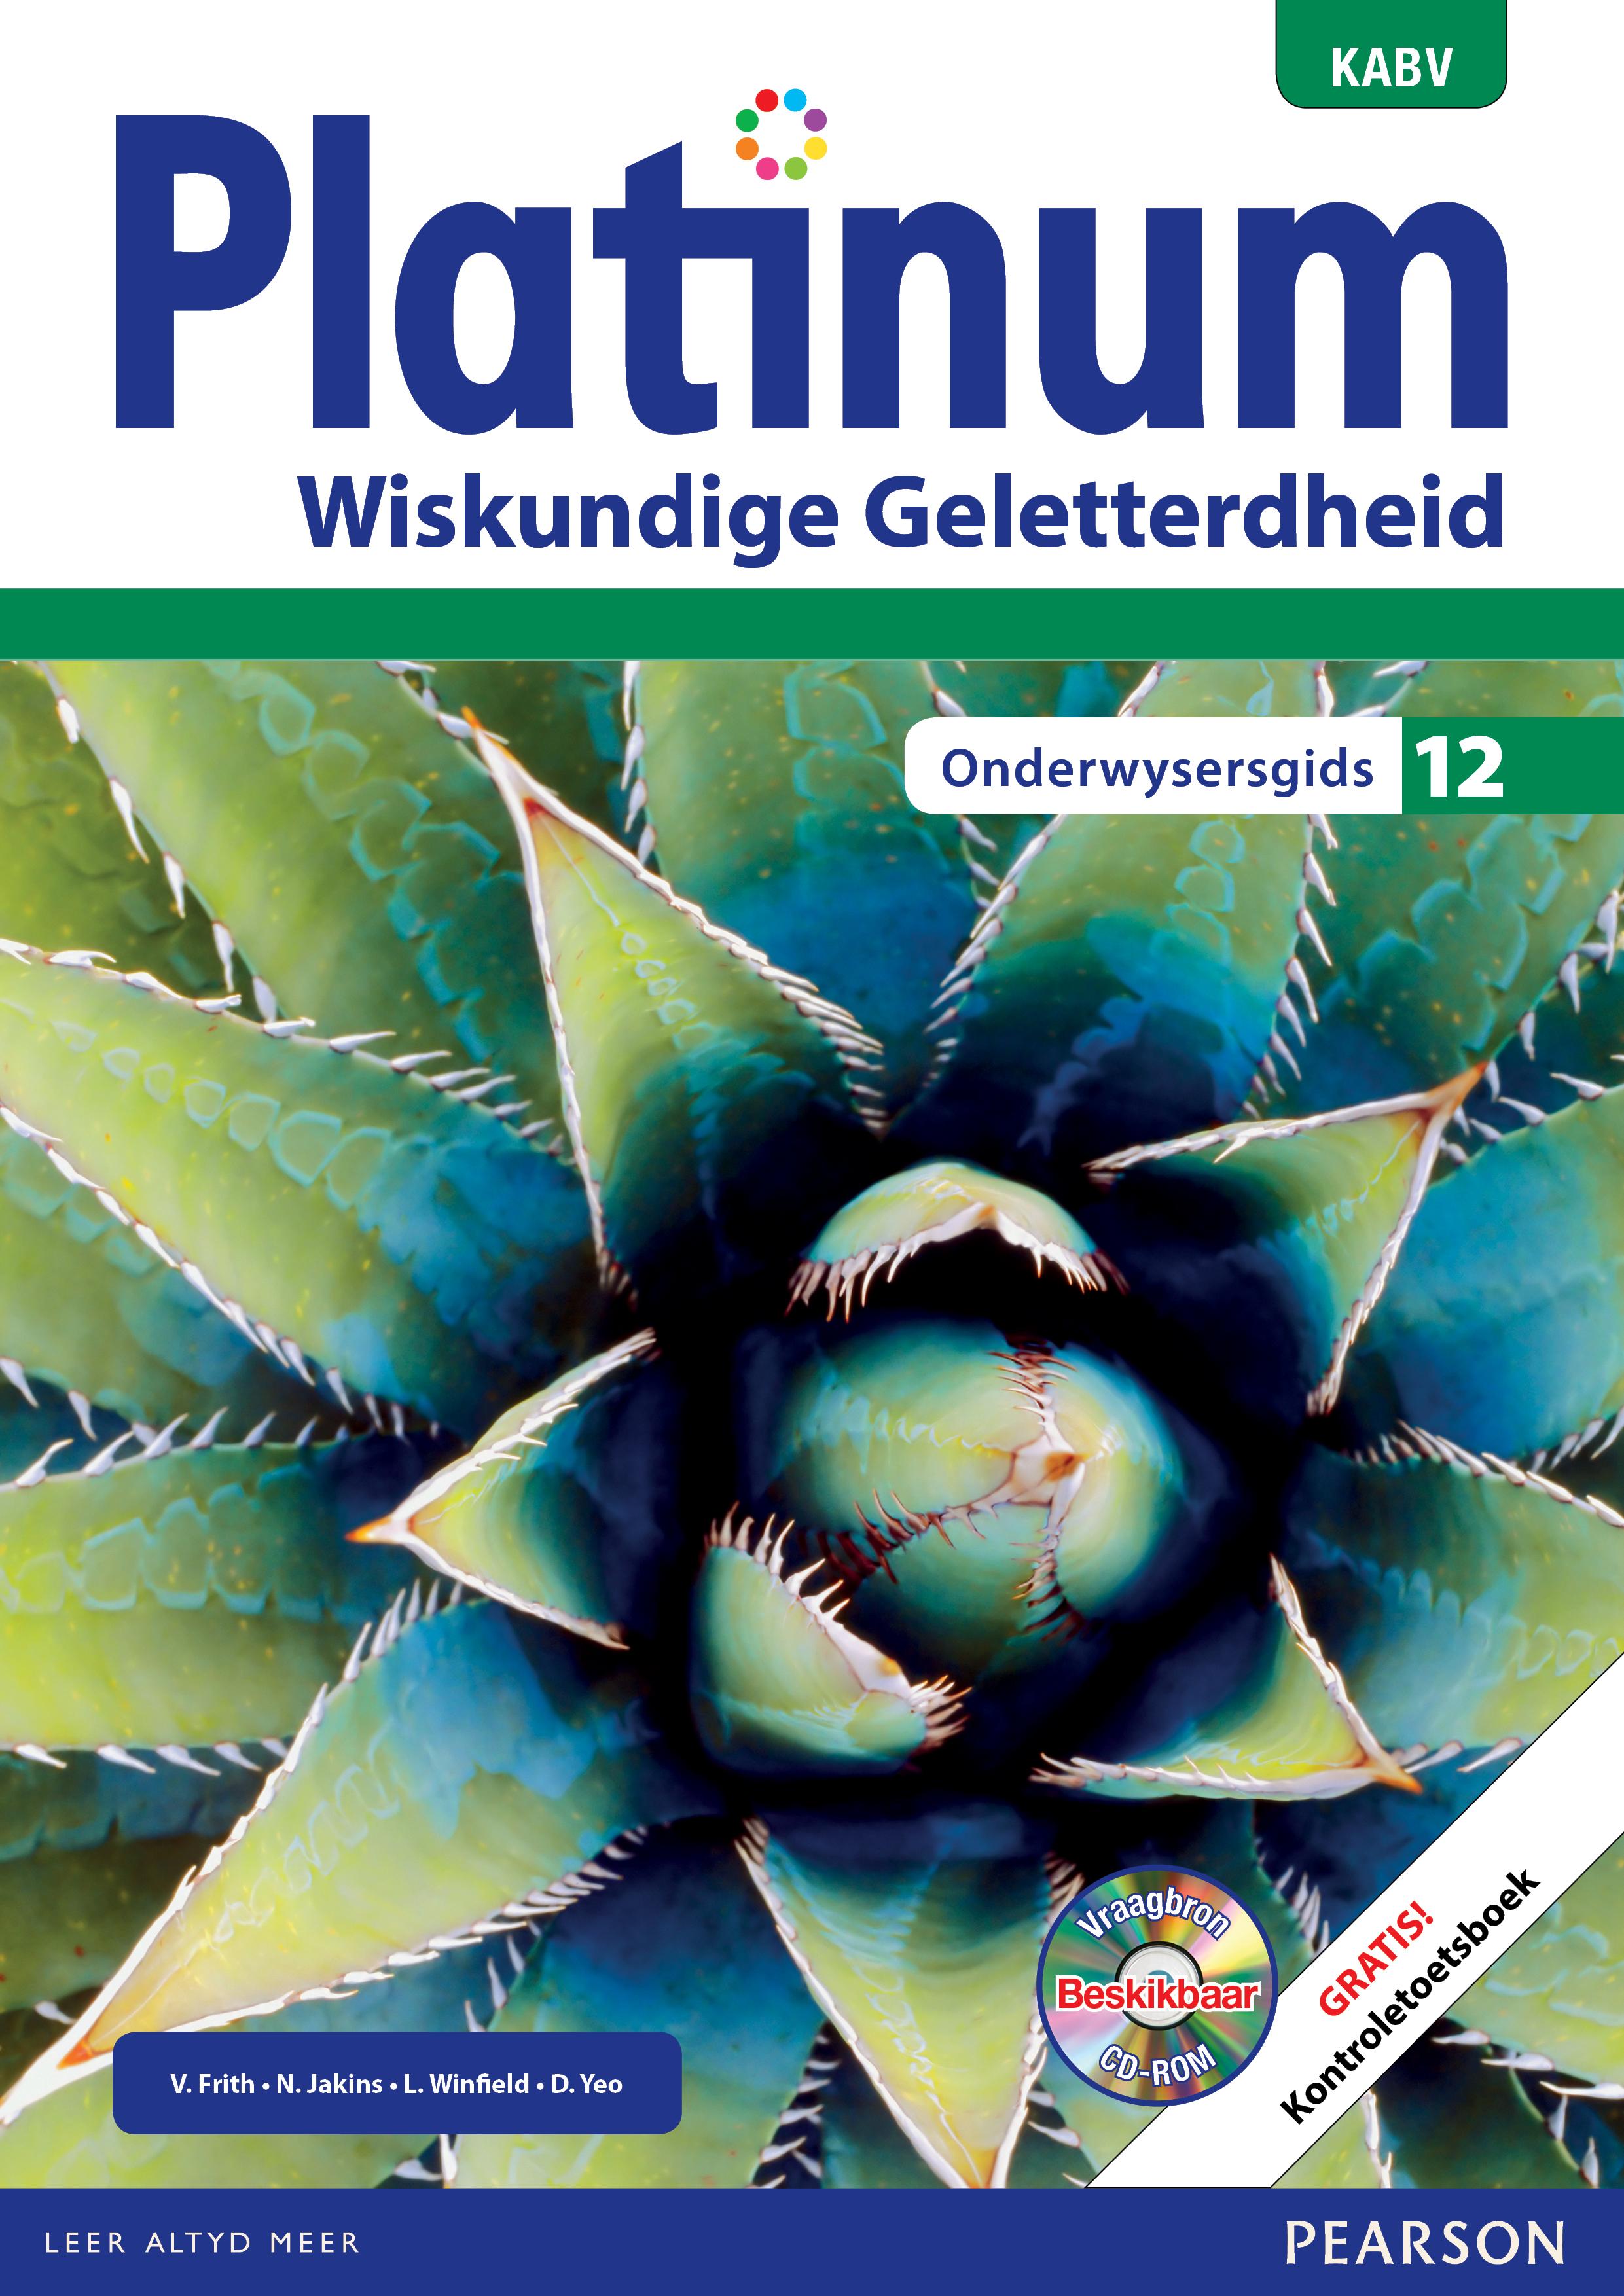 Picture of Platinum wiskundige geletterdheid KABV: Gr 12: Onderwysersgids